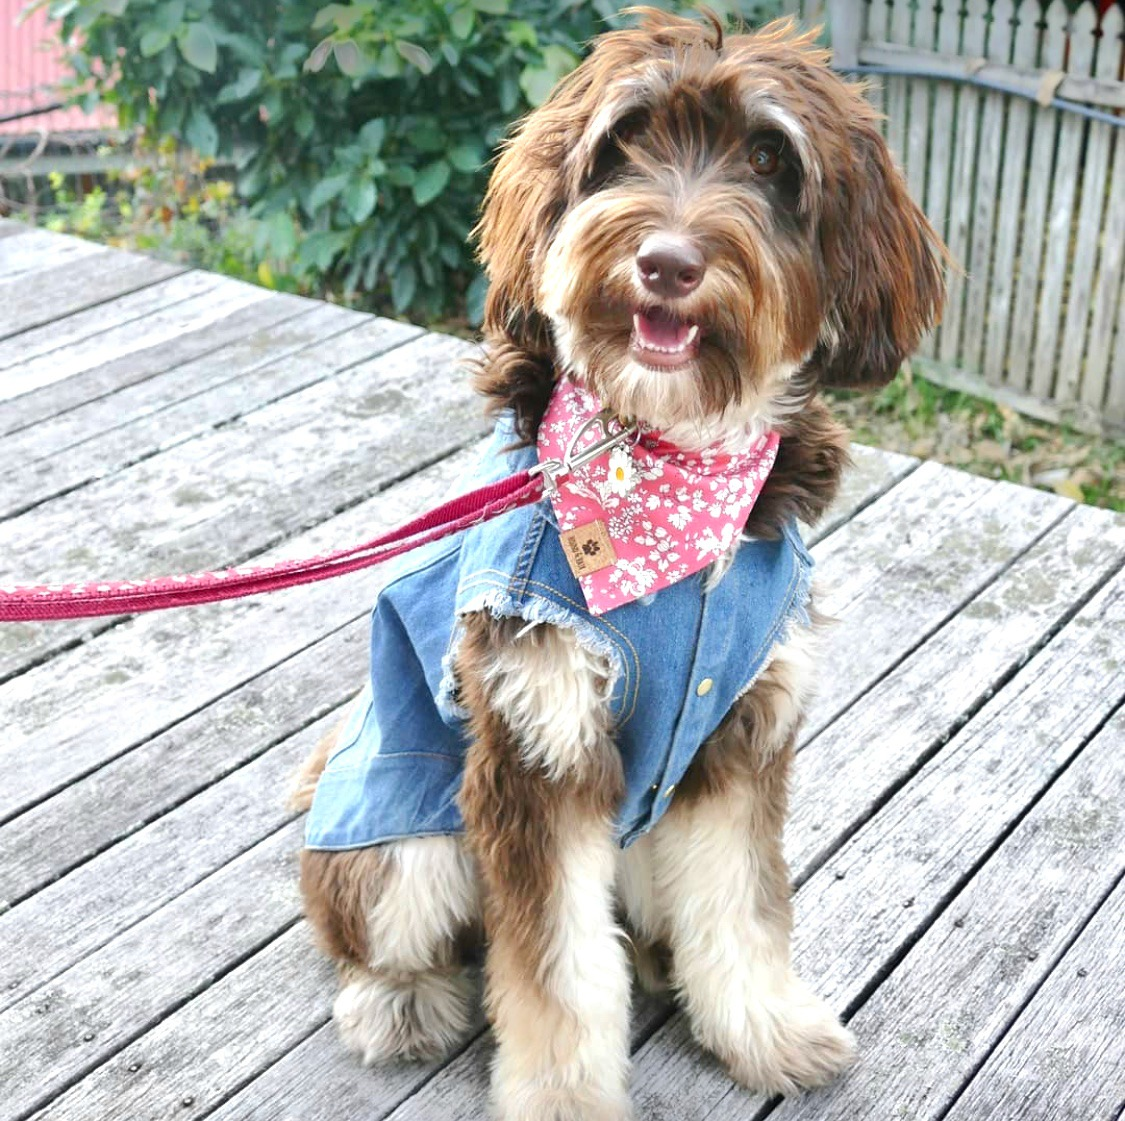 dog wearing denim jacket and bandana